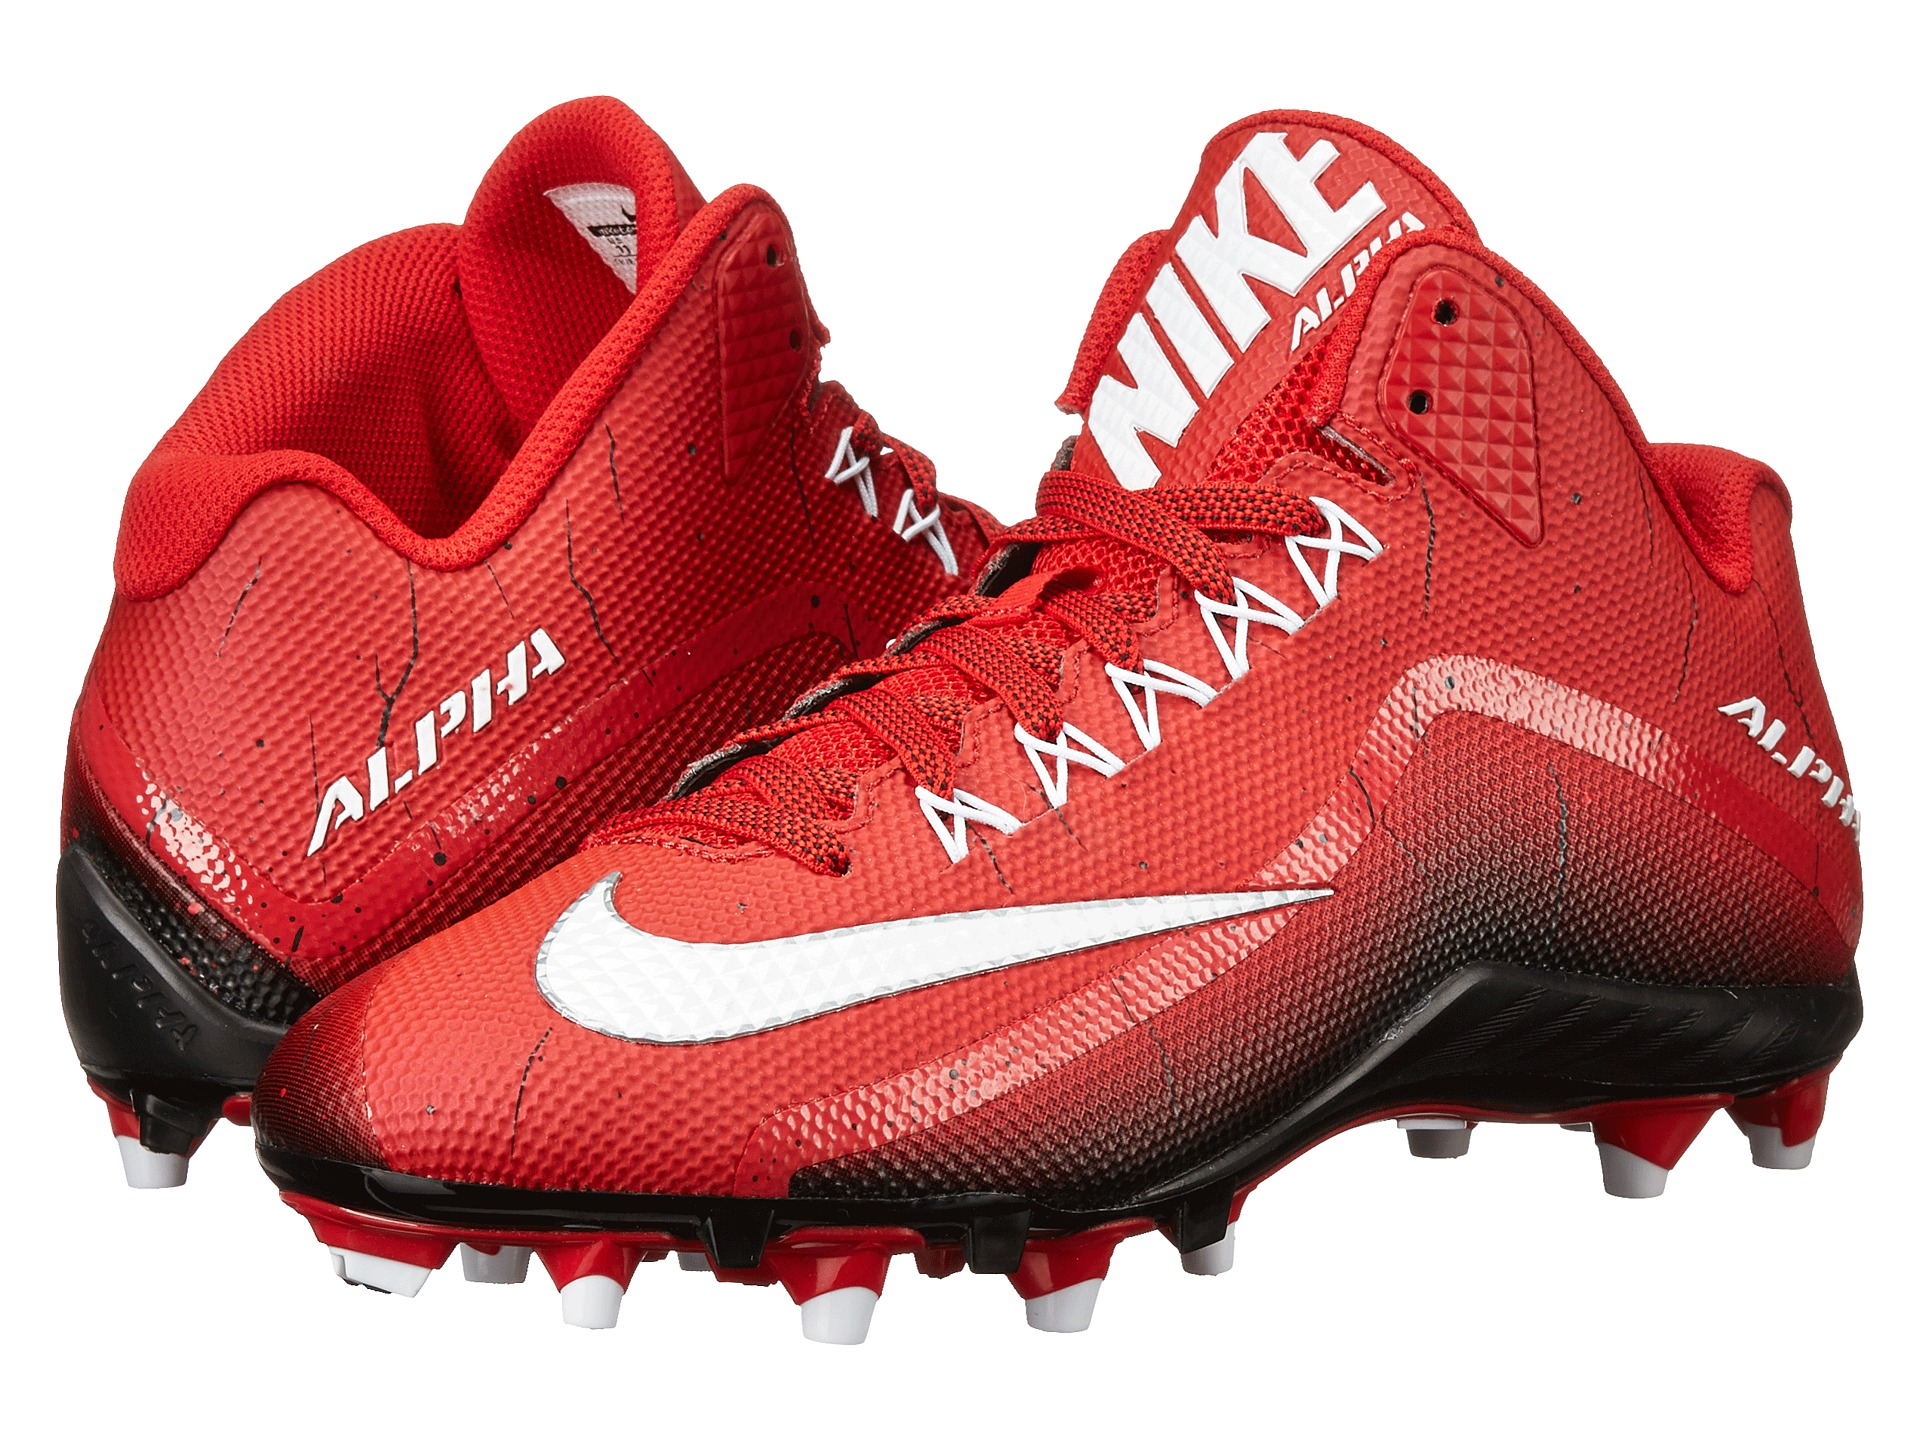 ec1142da5f07 Nike Nfl Alpha Pro Td Low Chiefs